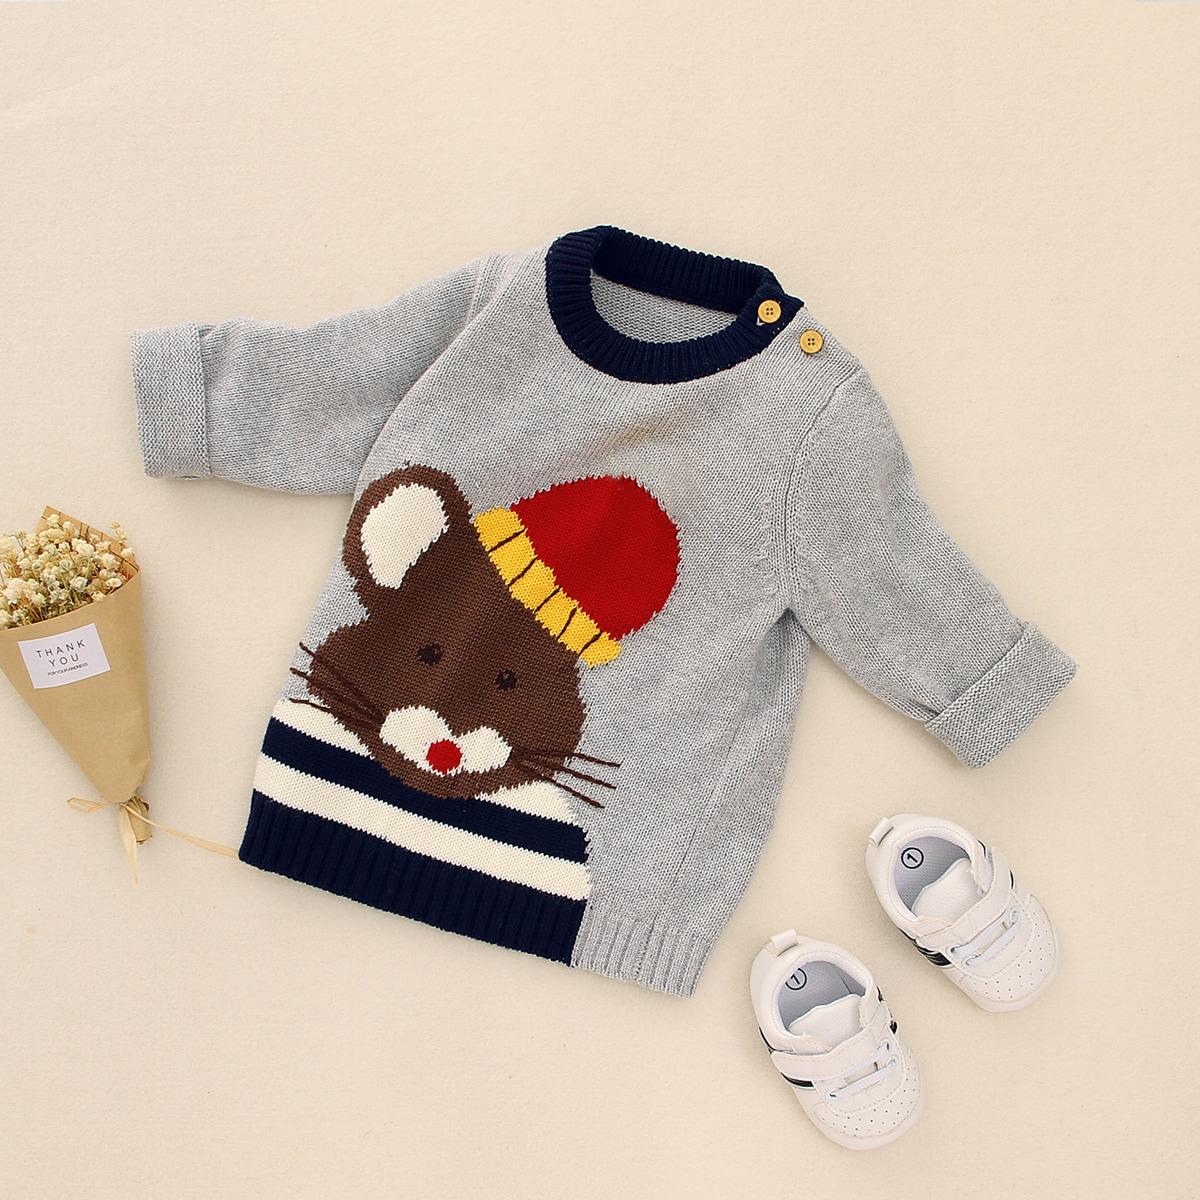 Контрастная отделка мультяшный принт повседневный свитеры  для малышей